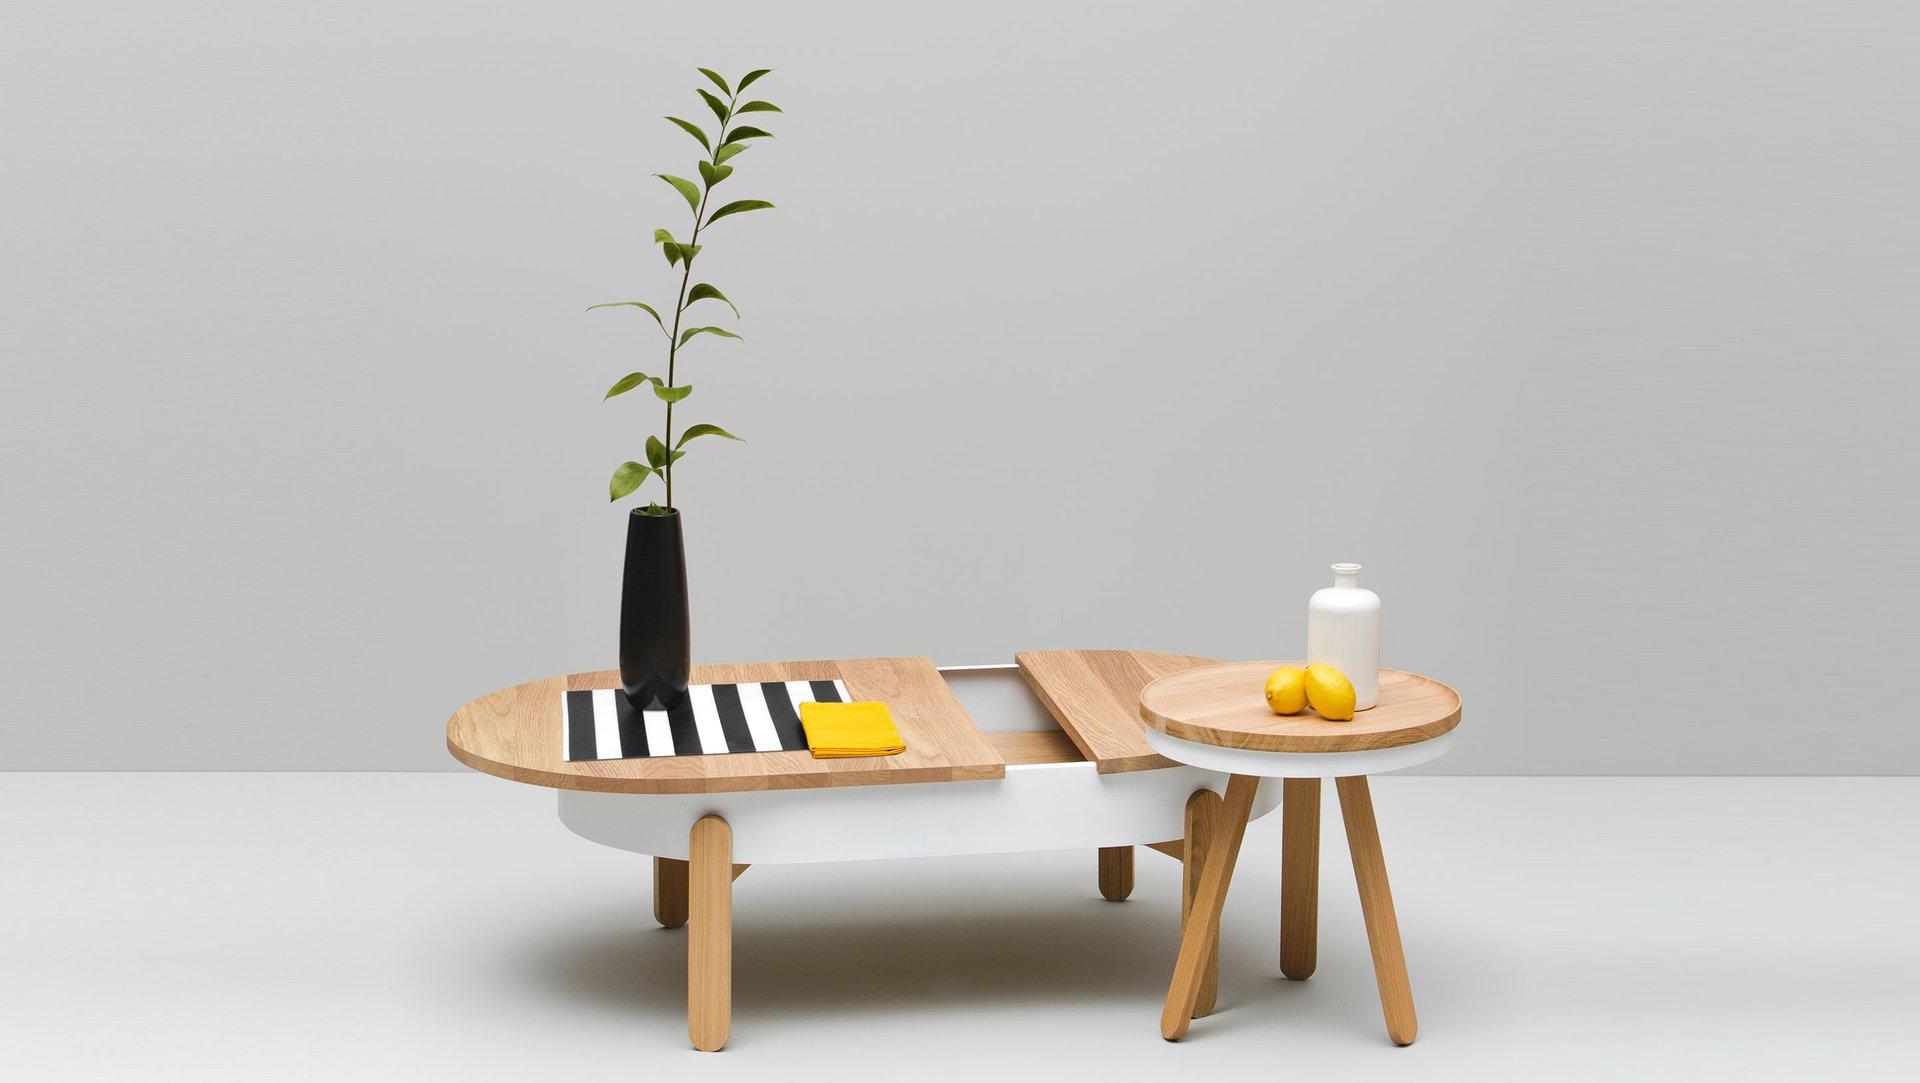 kleiner batea tablett tisch in eiche wei von daniel garc a s nchez f r woodendot bei pamono kaufen. Black Bedroom Furniture Sets. Home Design Ideas